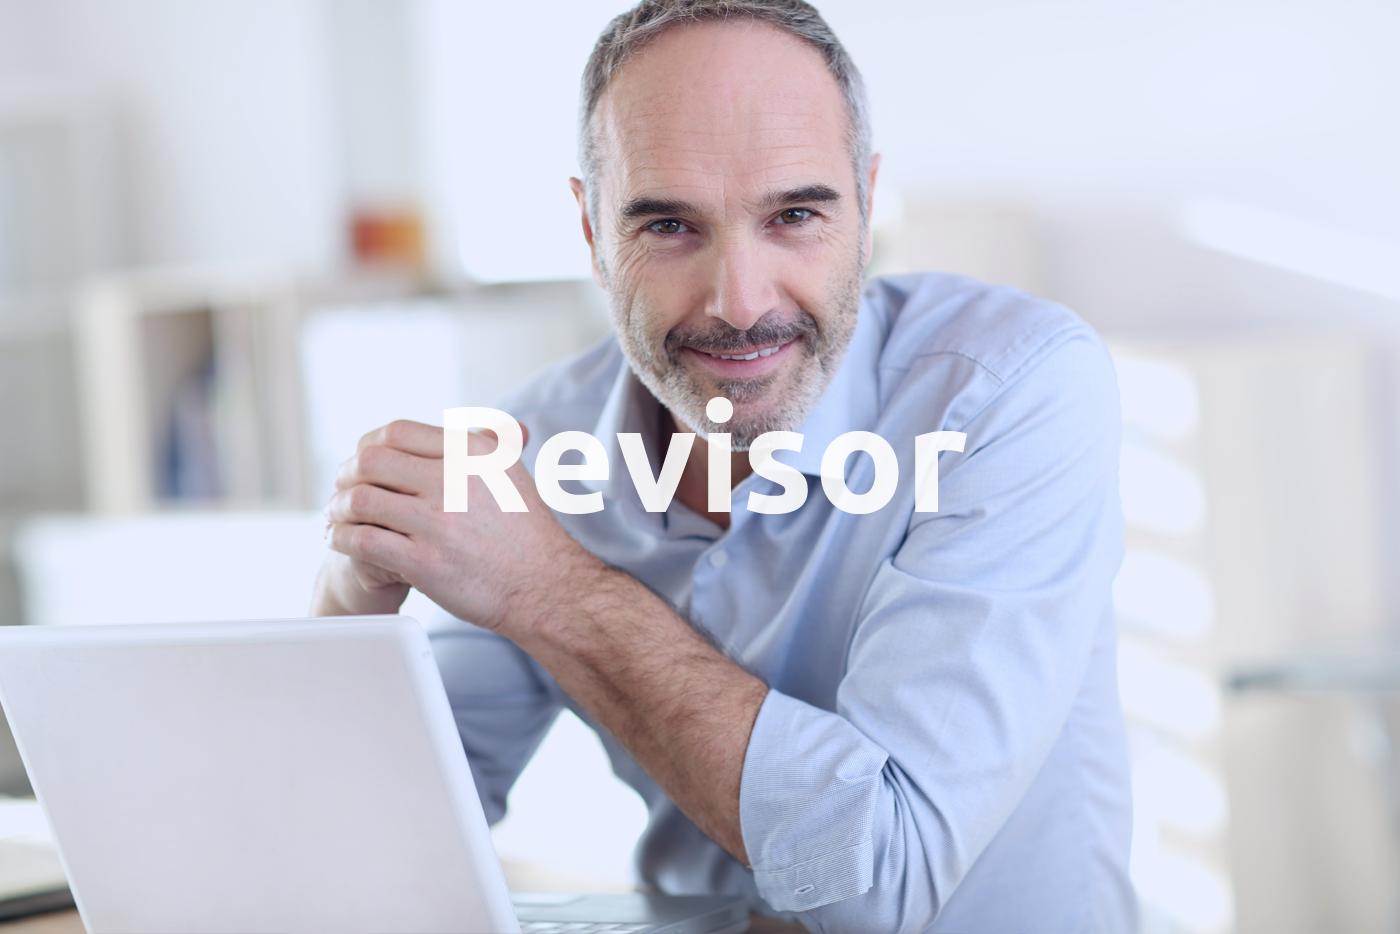 Branchens bedste regnskabsprogram til revisor